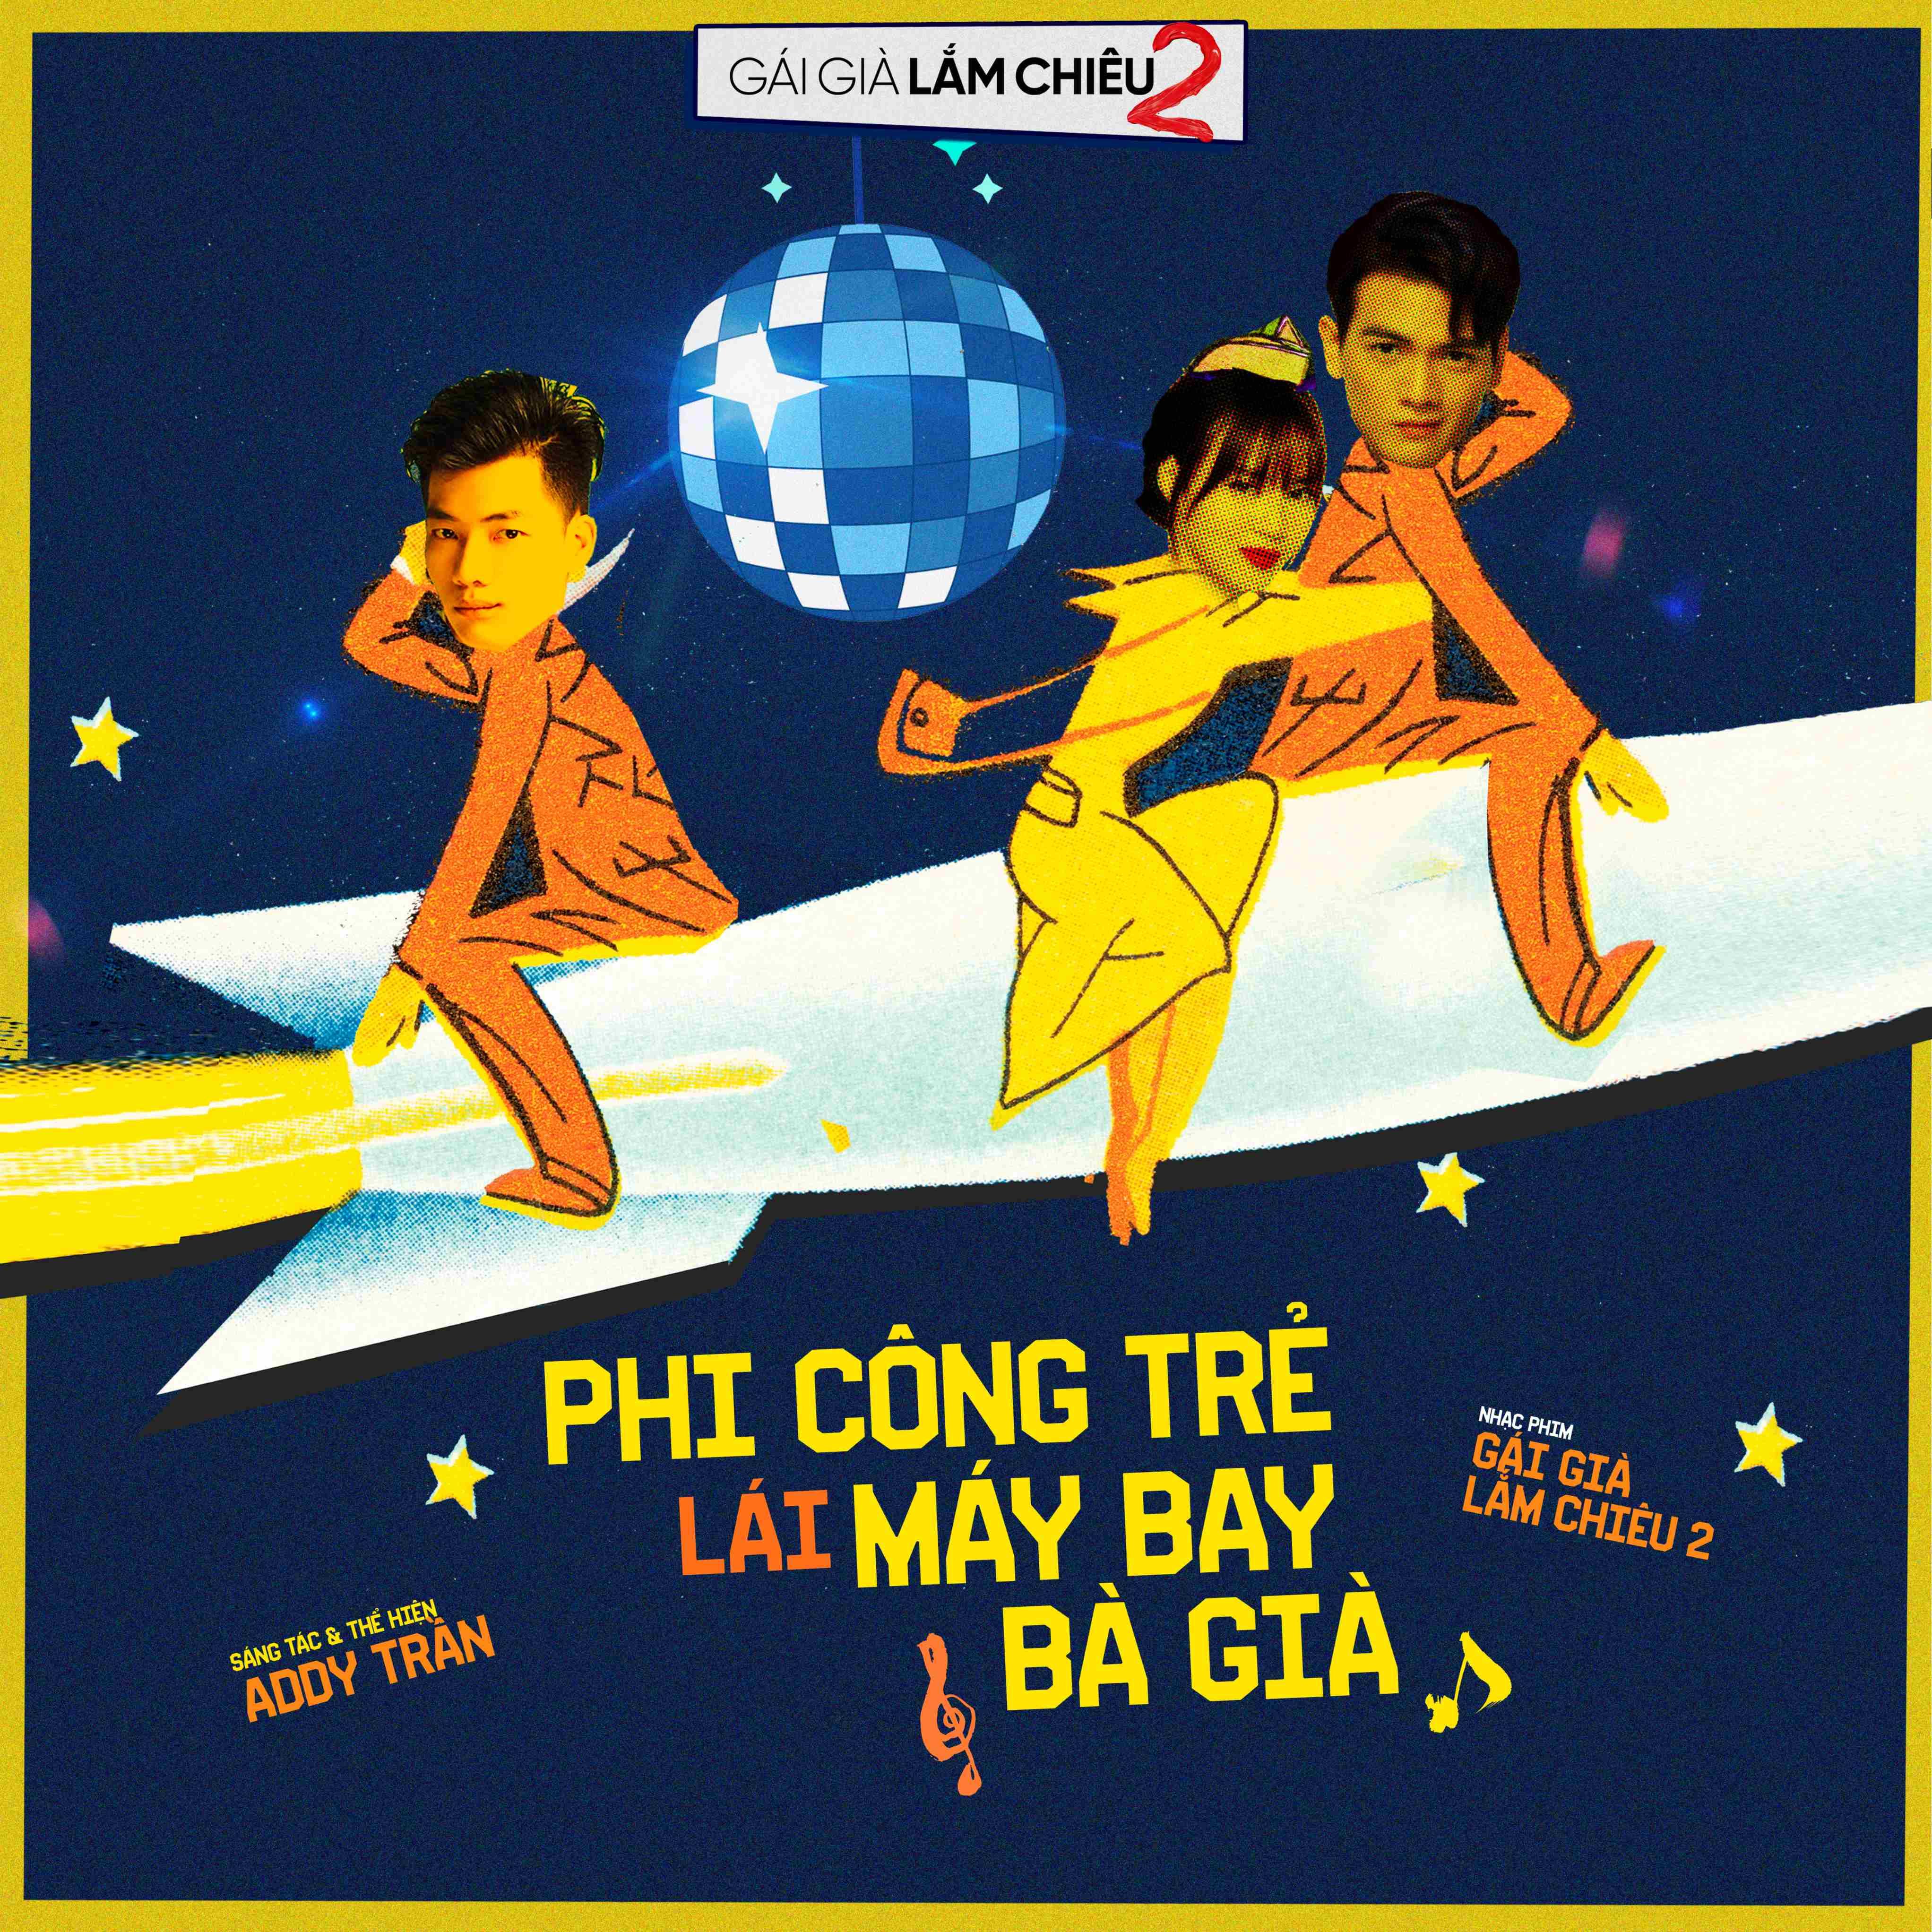 Lai Lai Jokar Rimex Sang Mp3: Phi Công Trẻ Lái Máy Bay Bà Già (Linh Ku Remix) (Gái Già